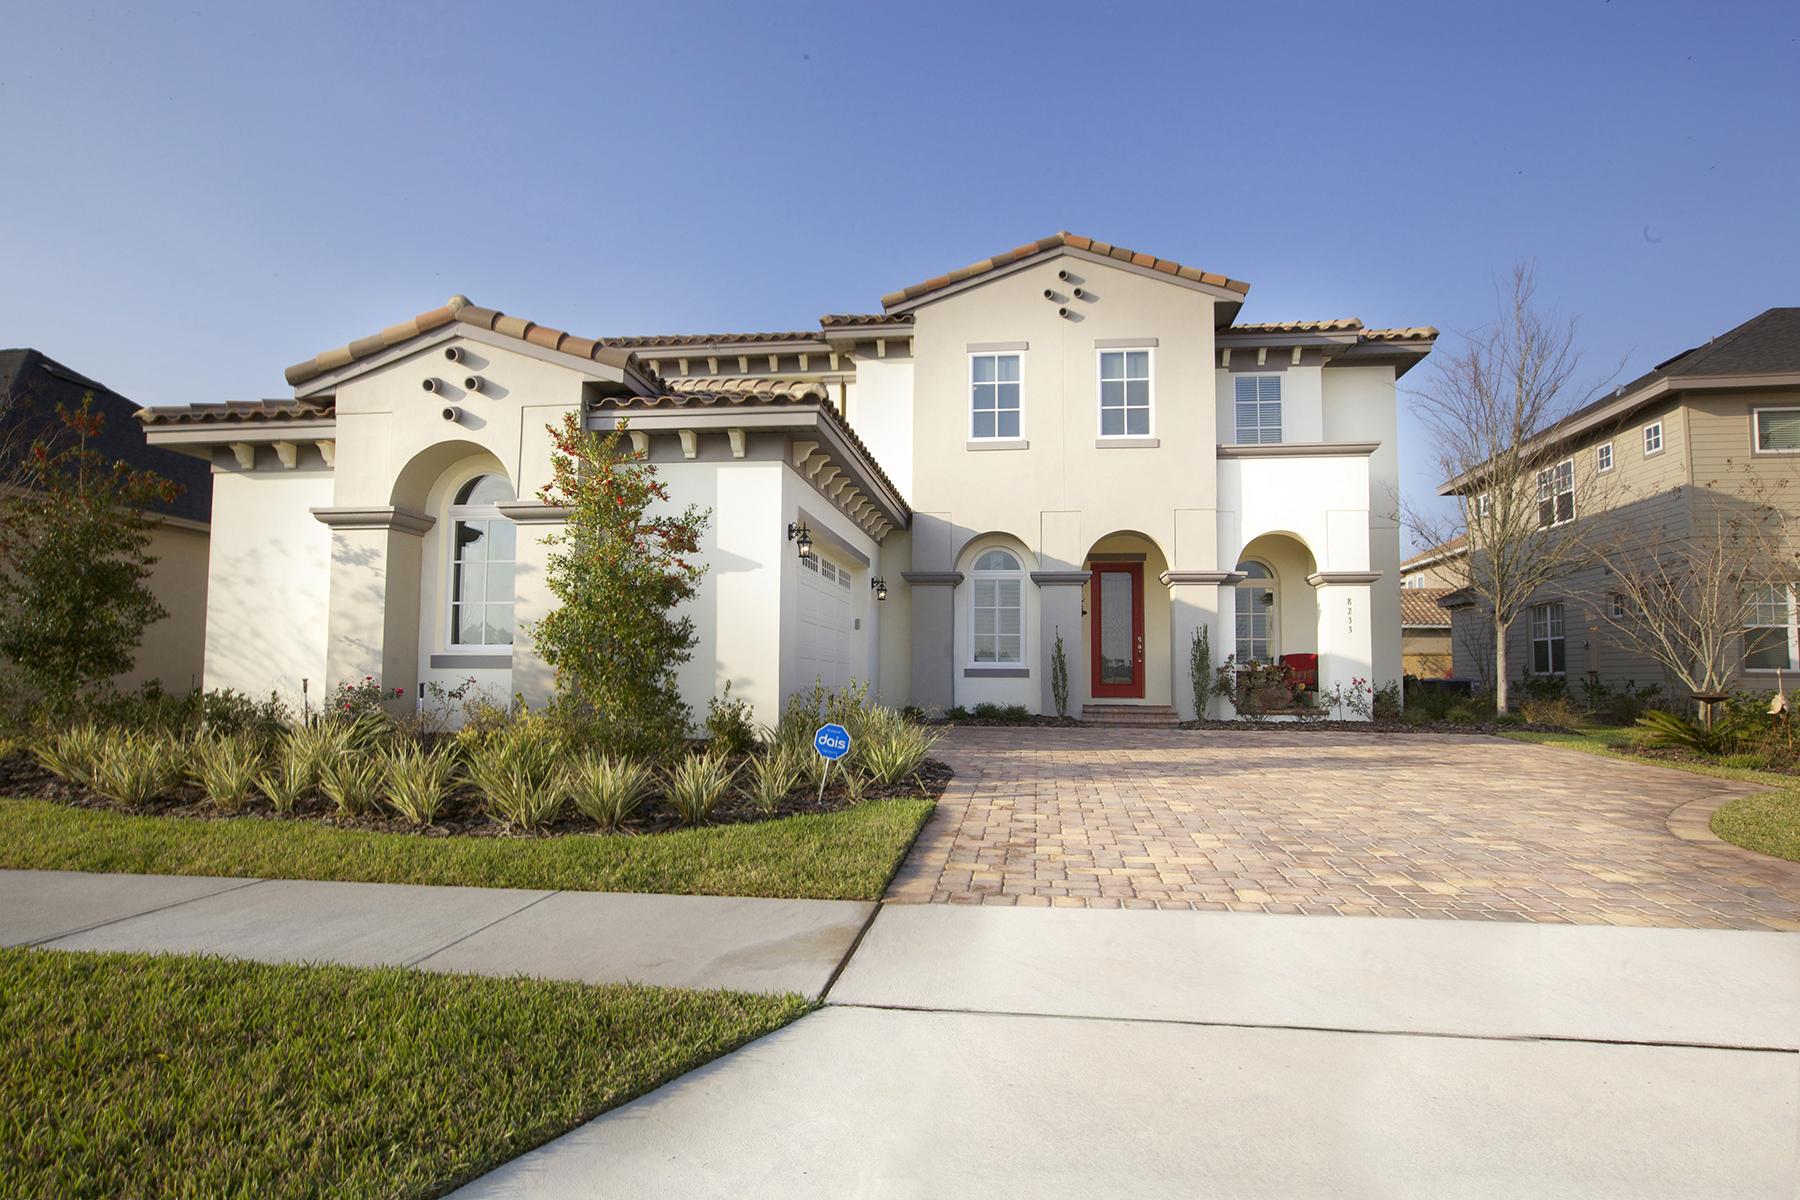 Maison unifamiliale pour l Vente à ORLANDO 8233 Canetti St Orlando, Florida, 32827 États-Unis